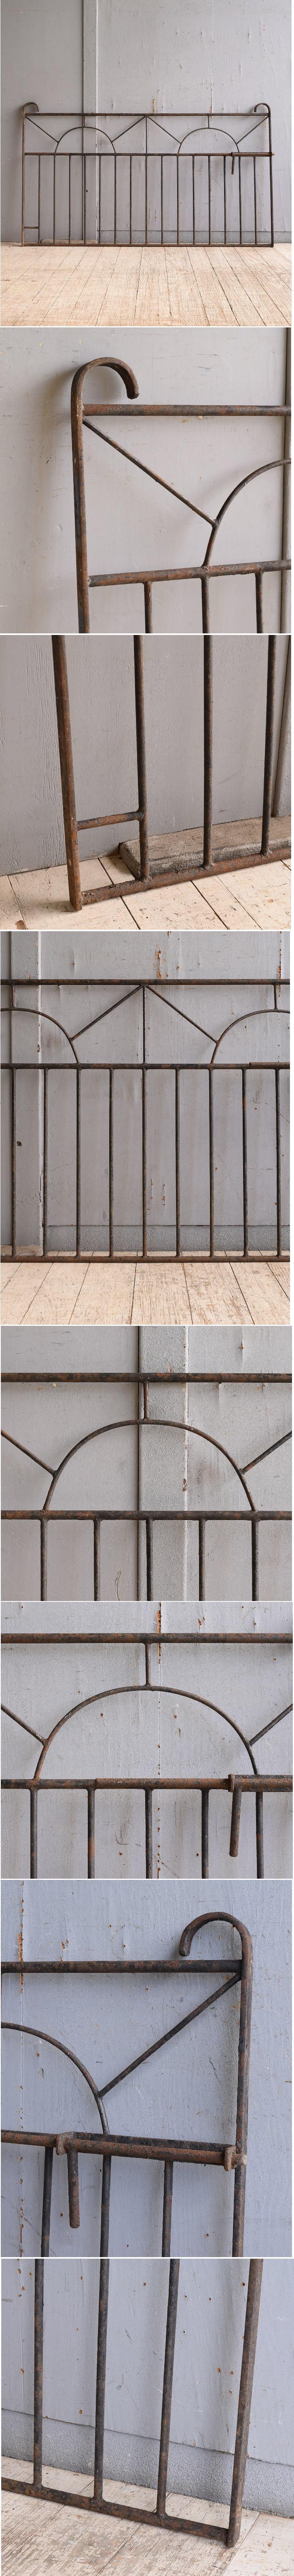 イギリスアンティーク アイアンフェンス ゲート柵 ガーデニング 10280